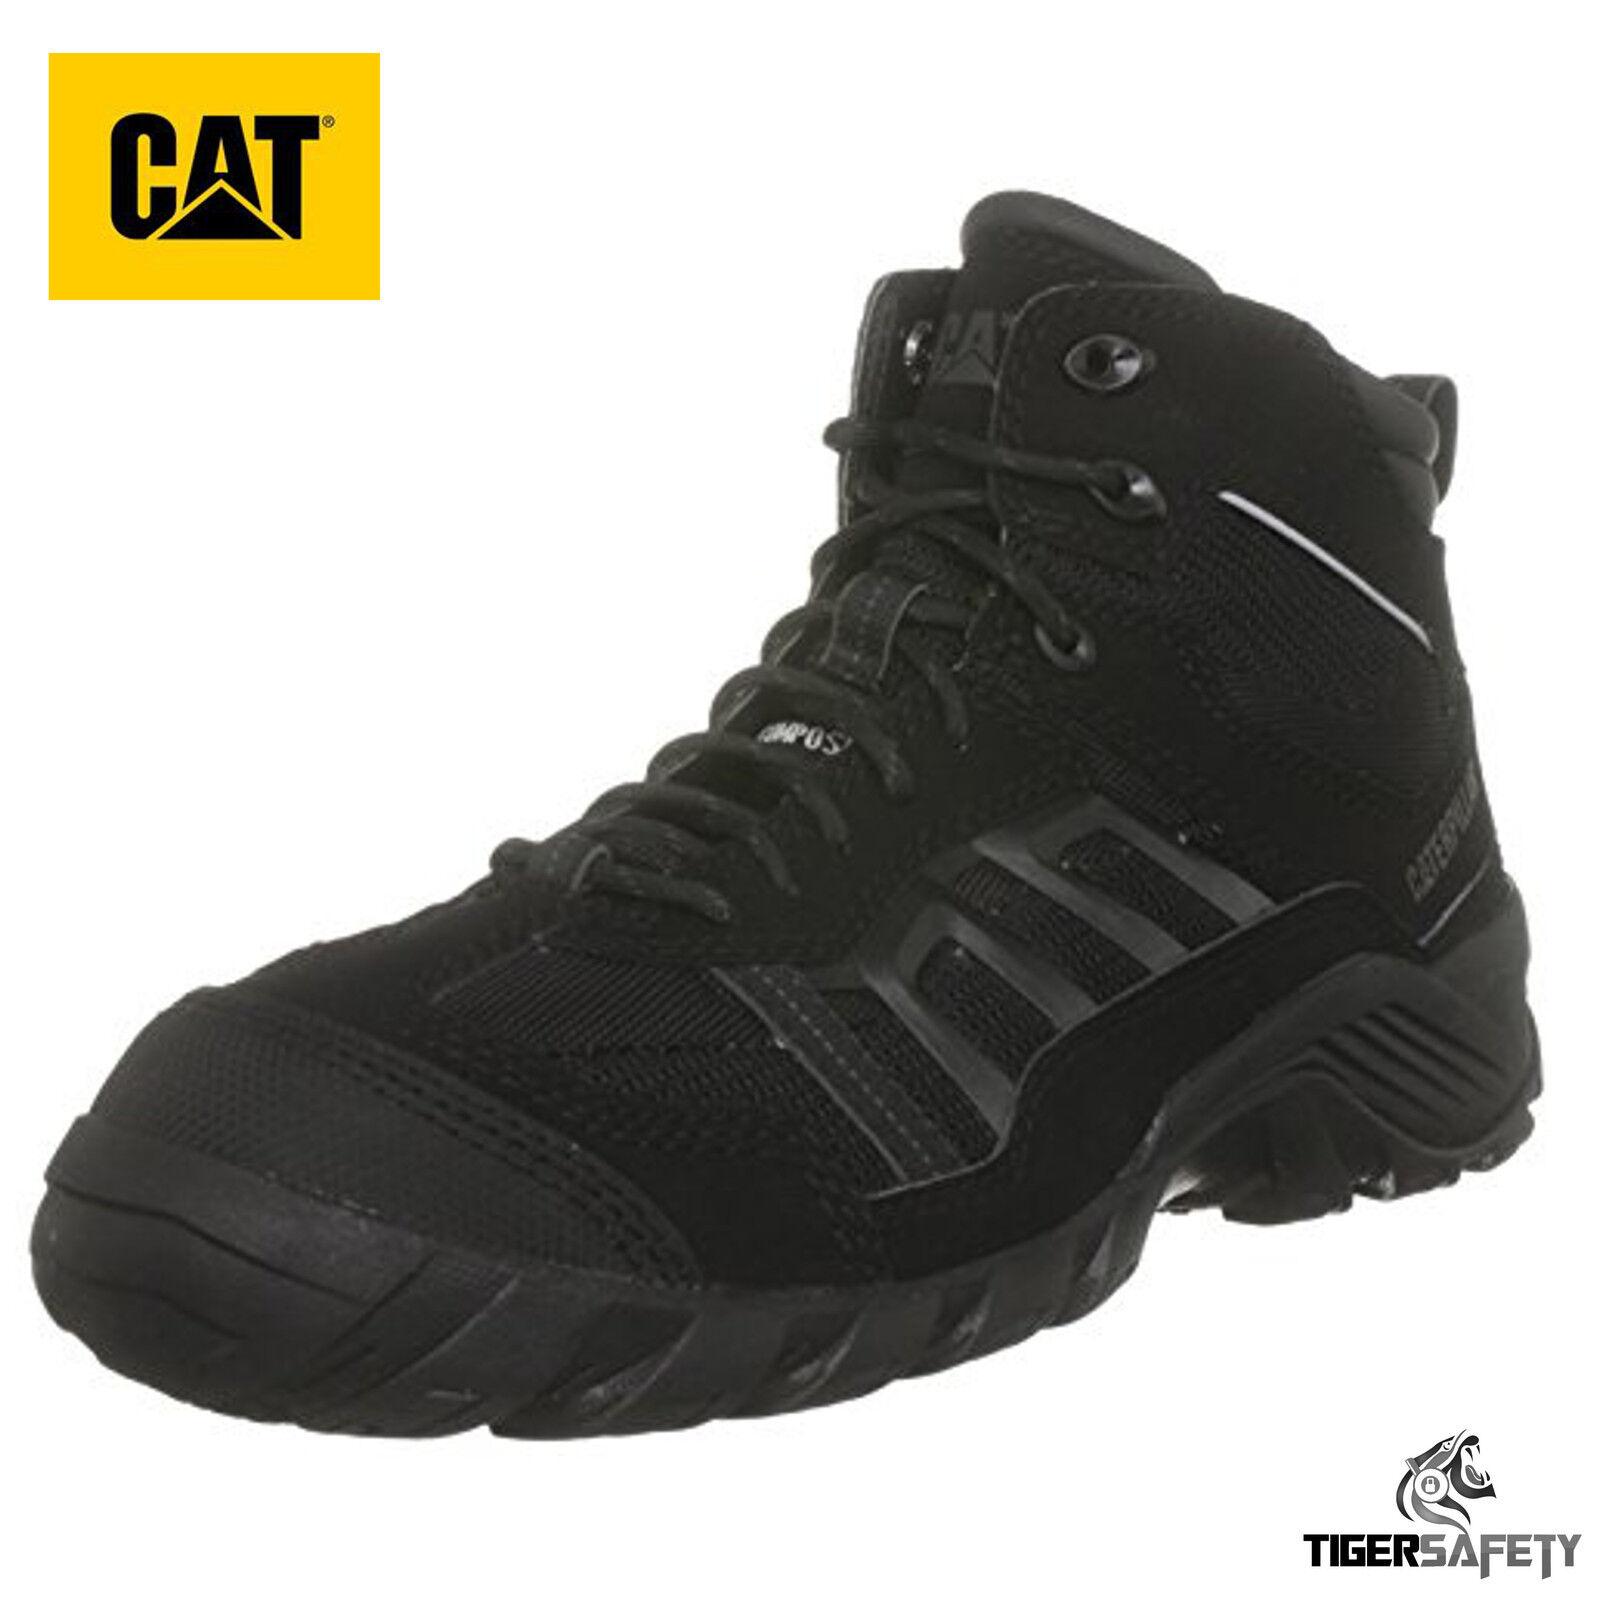 Caterpillar CAT Formazione Hi Taglia 6 S1P S1P S1P SRC NERO COMPOSITO Puntale Stivali di sicurezza 6154a2